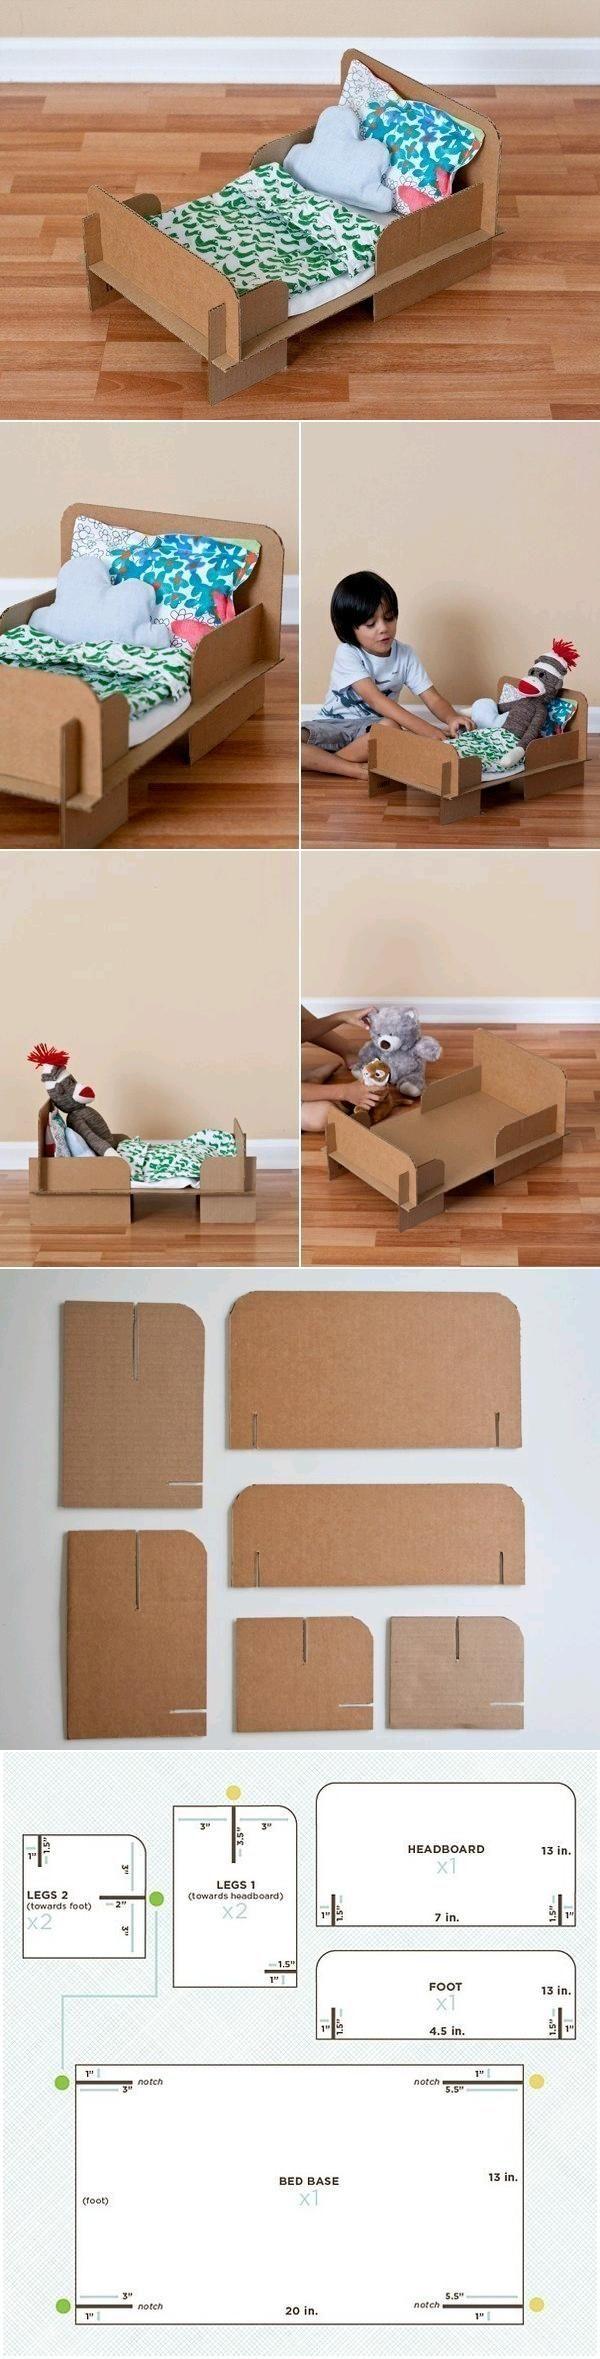 DIY Cardboard Bed DIY Cardboard Bed by diyforever